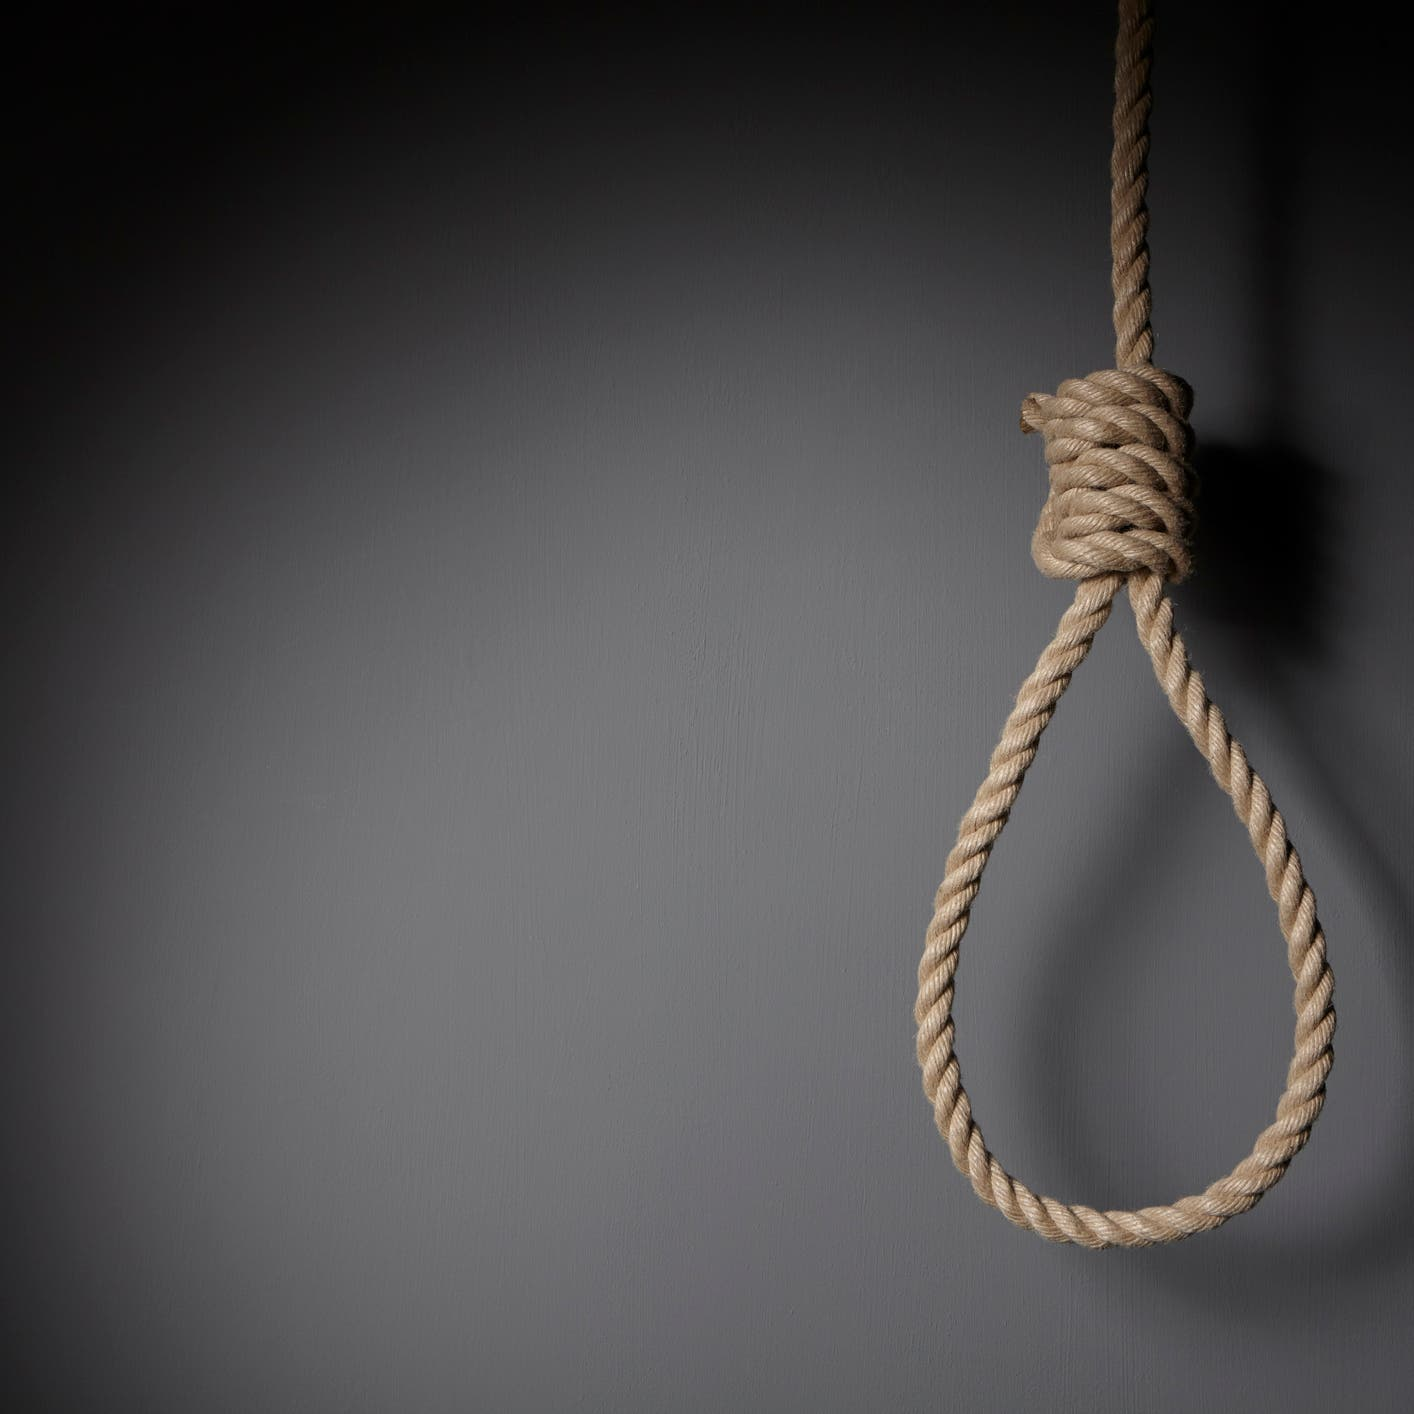 الإعدام لإرهابيين متورطين بتفجير وزارة عراقية عام 2013